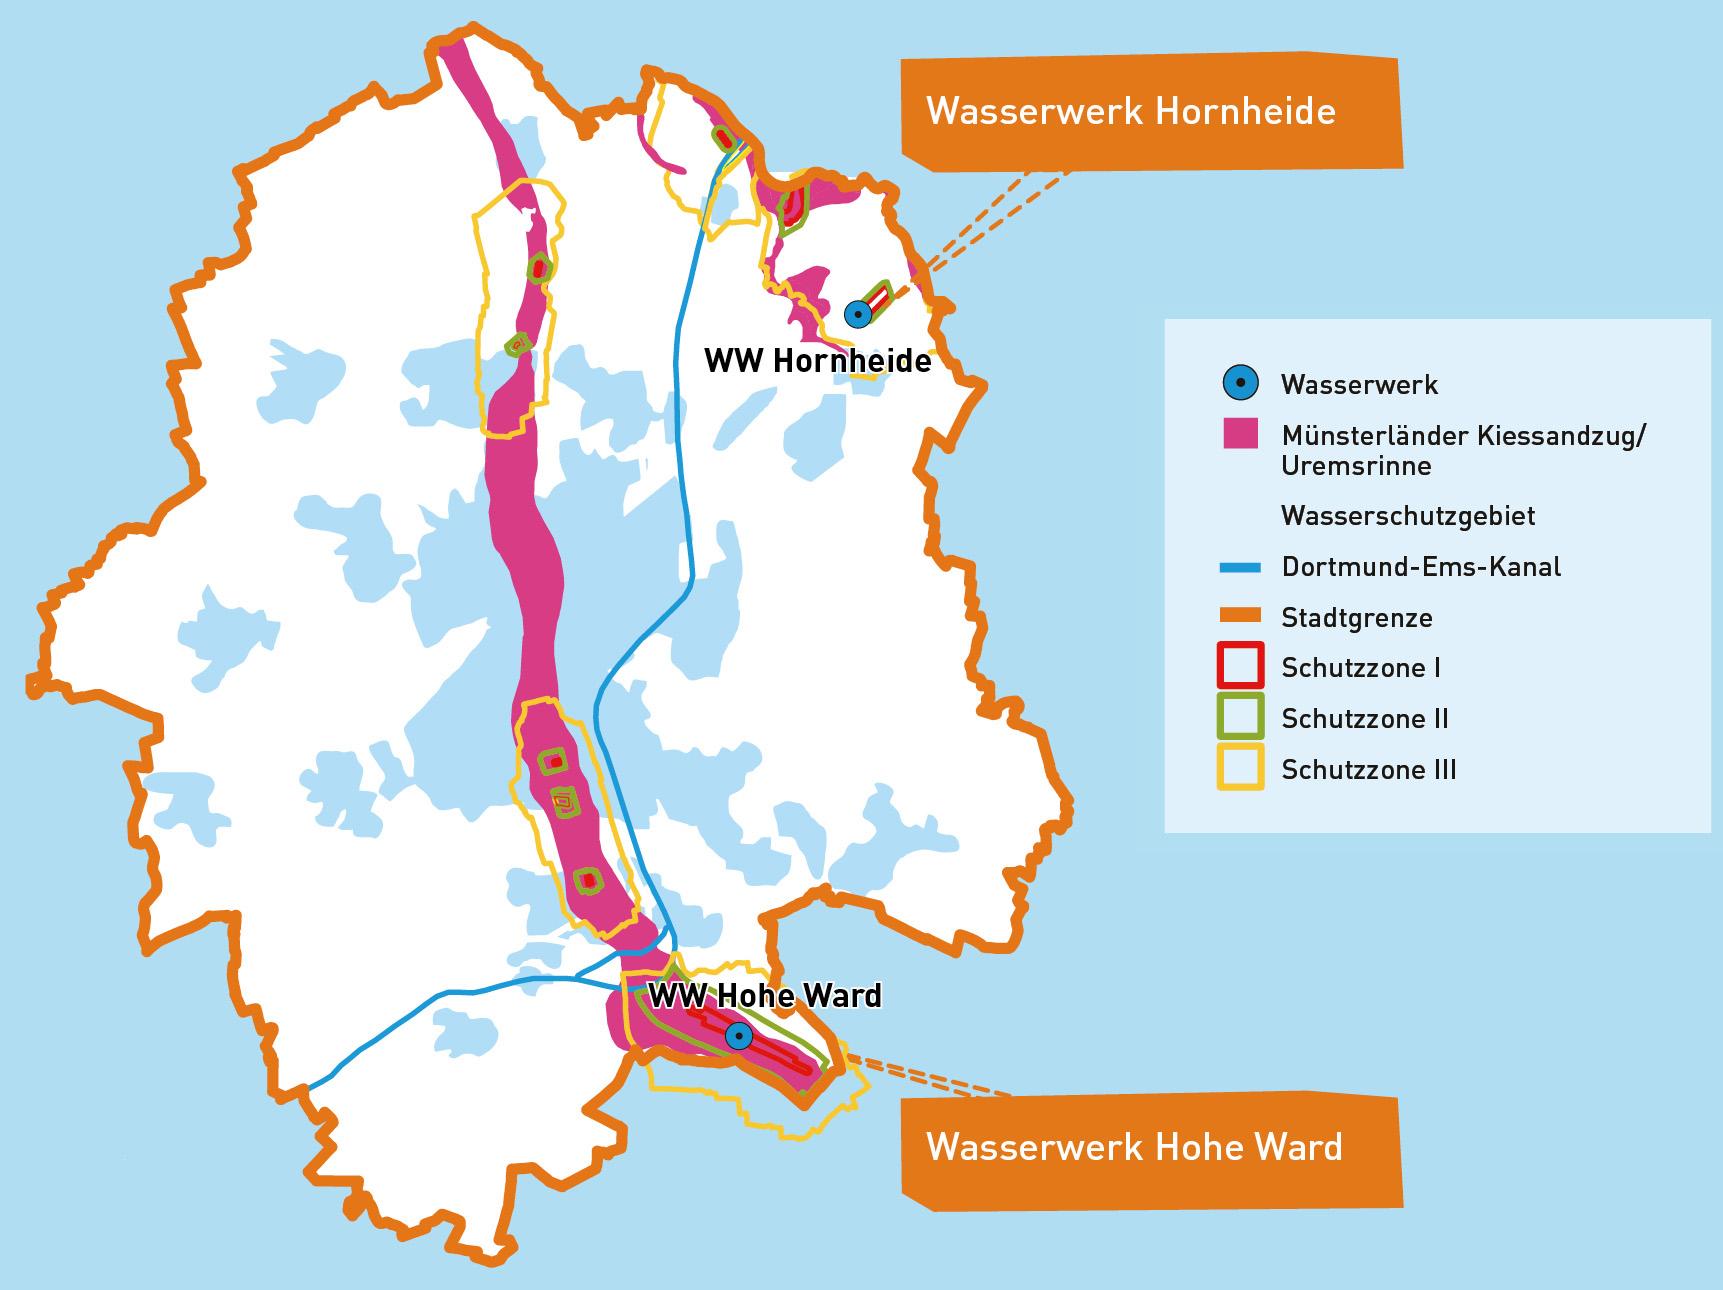 Grundwasserstand Karte Nrw.Zukunft Der Trinkwasserinfrastruktur Stadtwerke Münster